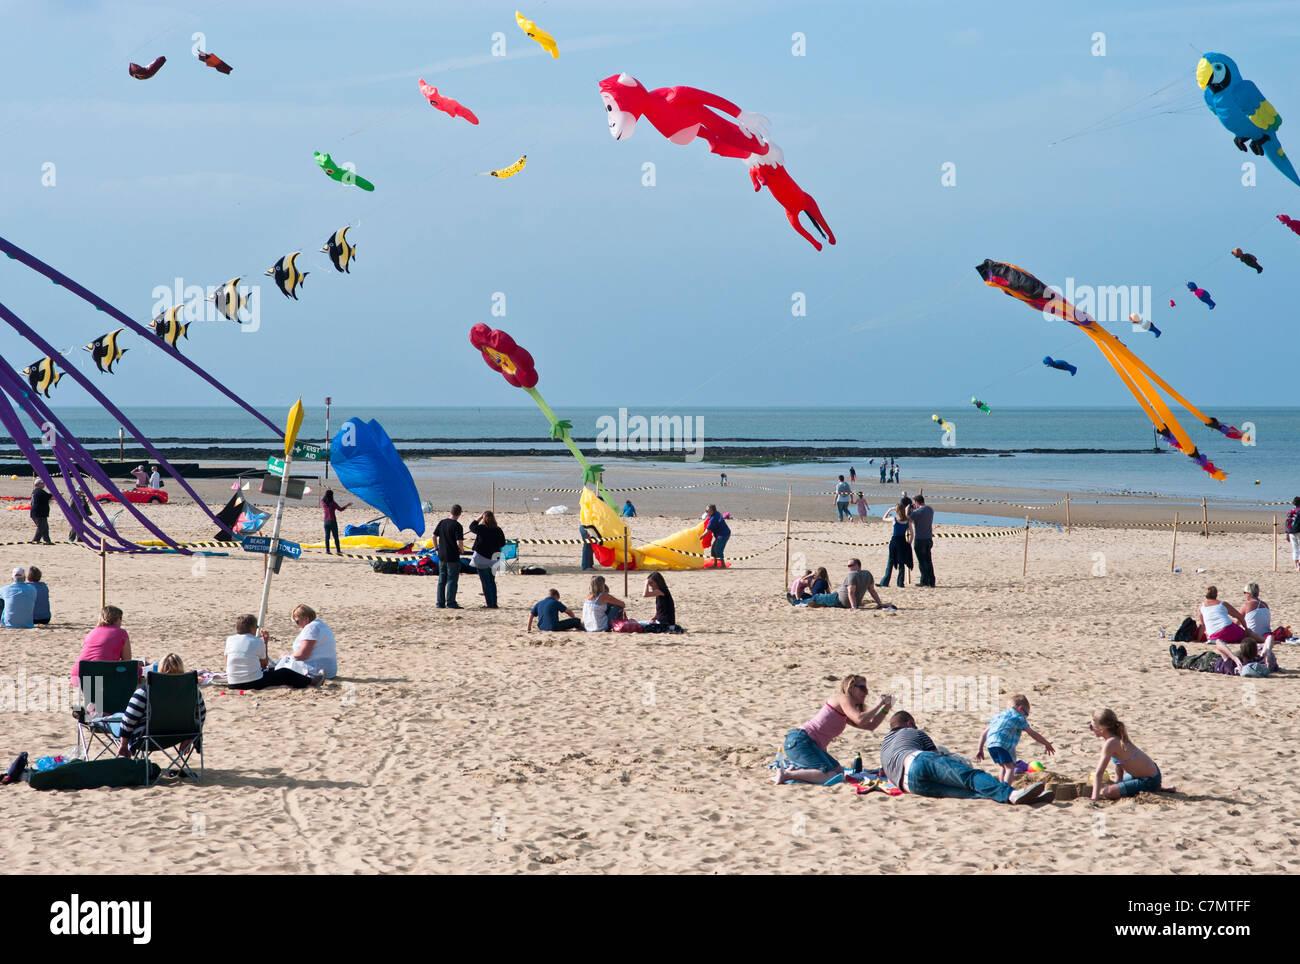 Kite Flying Festival, Margate, Kent, UK, 2011. - Stock Image